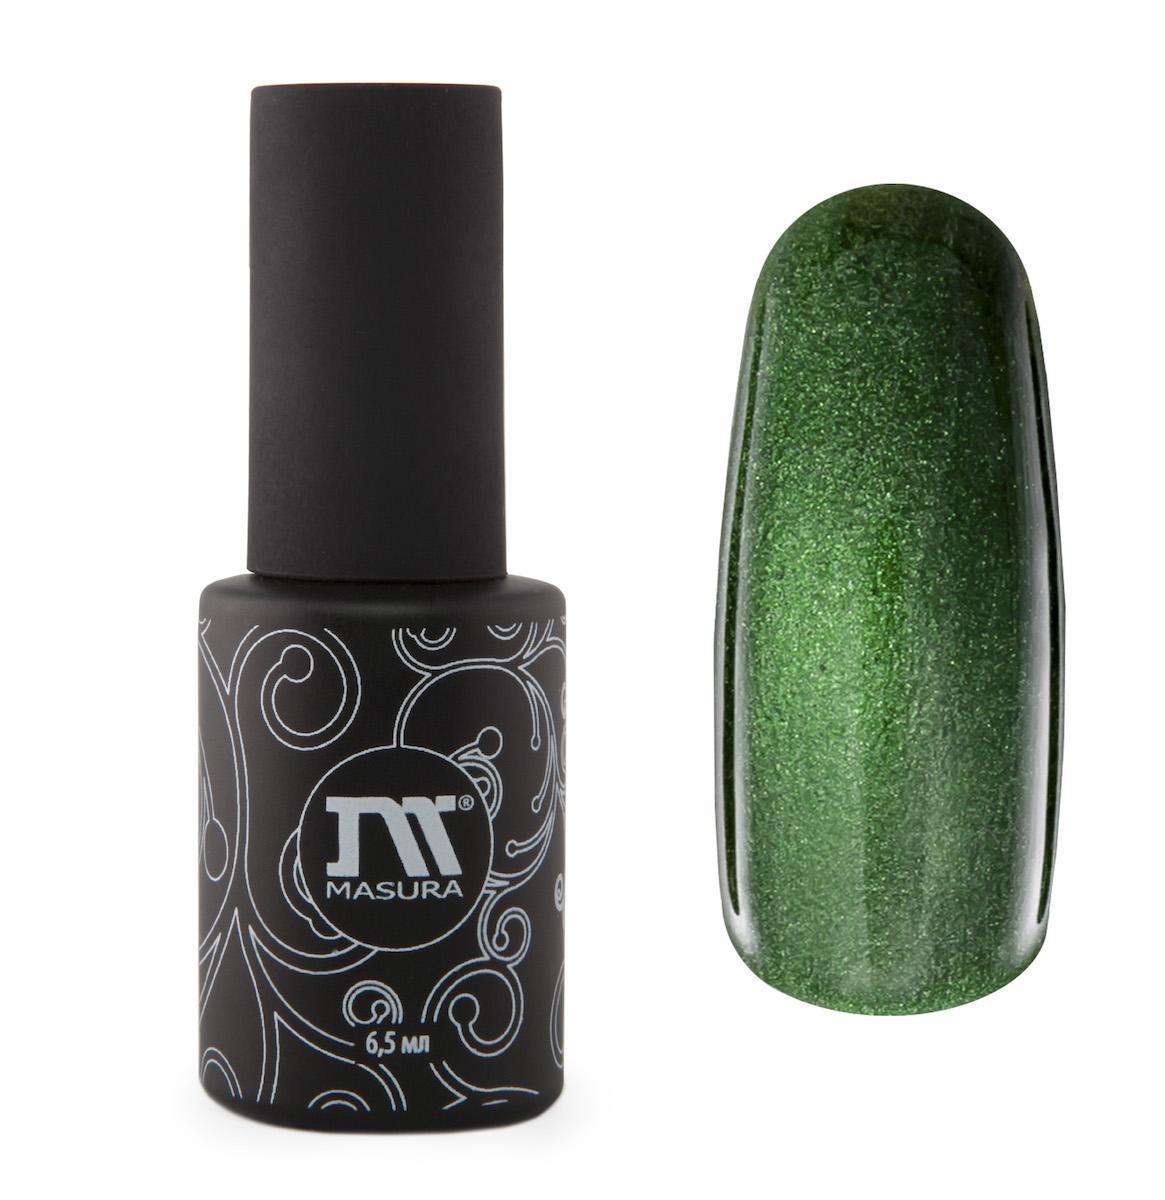 Masura Гель-лак Фаберже, 6,5 мл295-03теплый изумрудно-зеленый, с зеркальным переливом, плотный